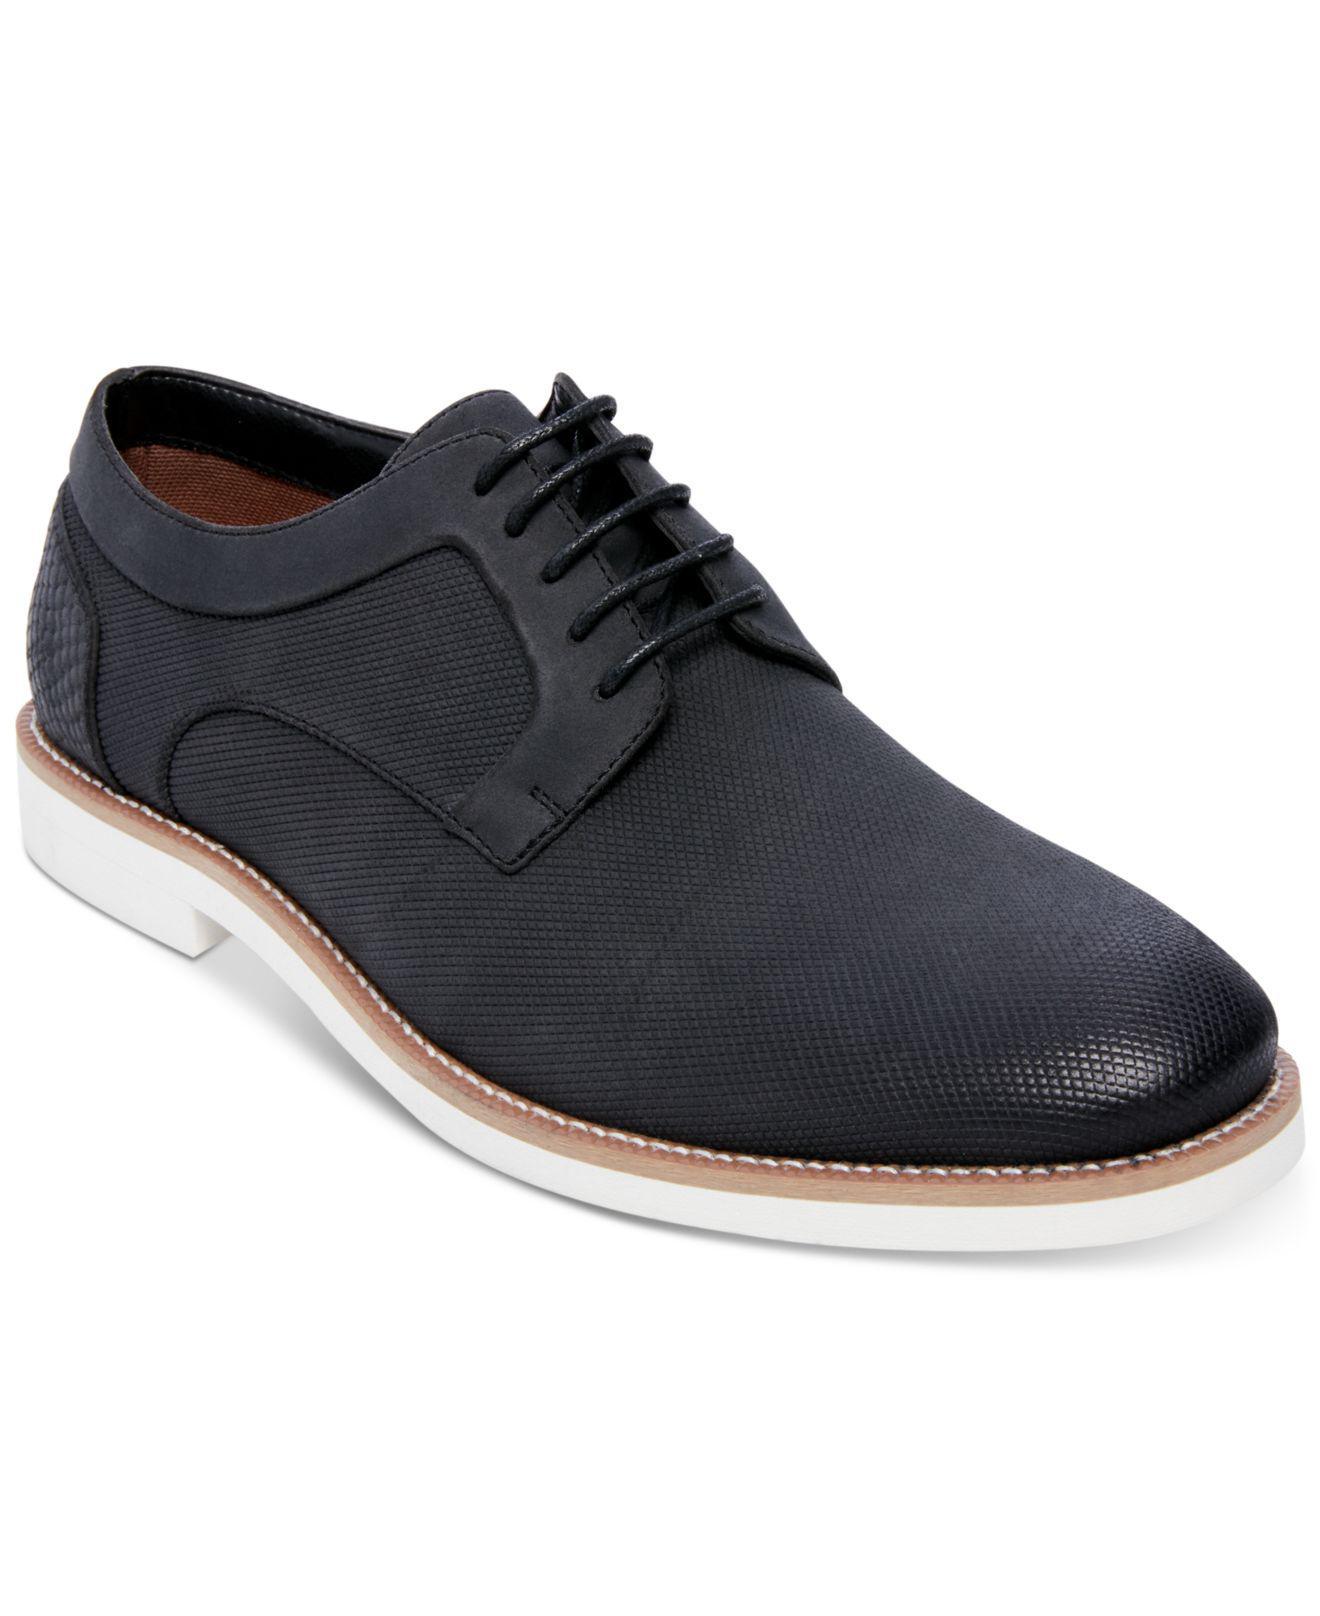 Steve Madden Men's Boxxen Oxfords Men's Shoes Gw49tMqcg